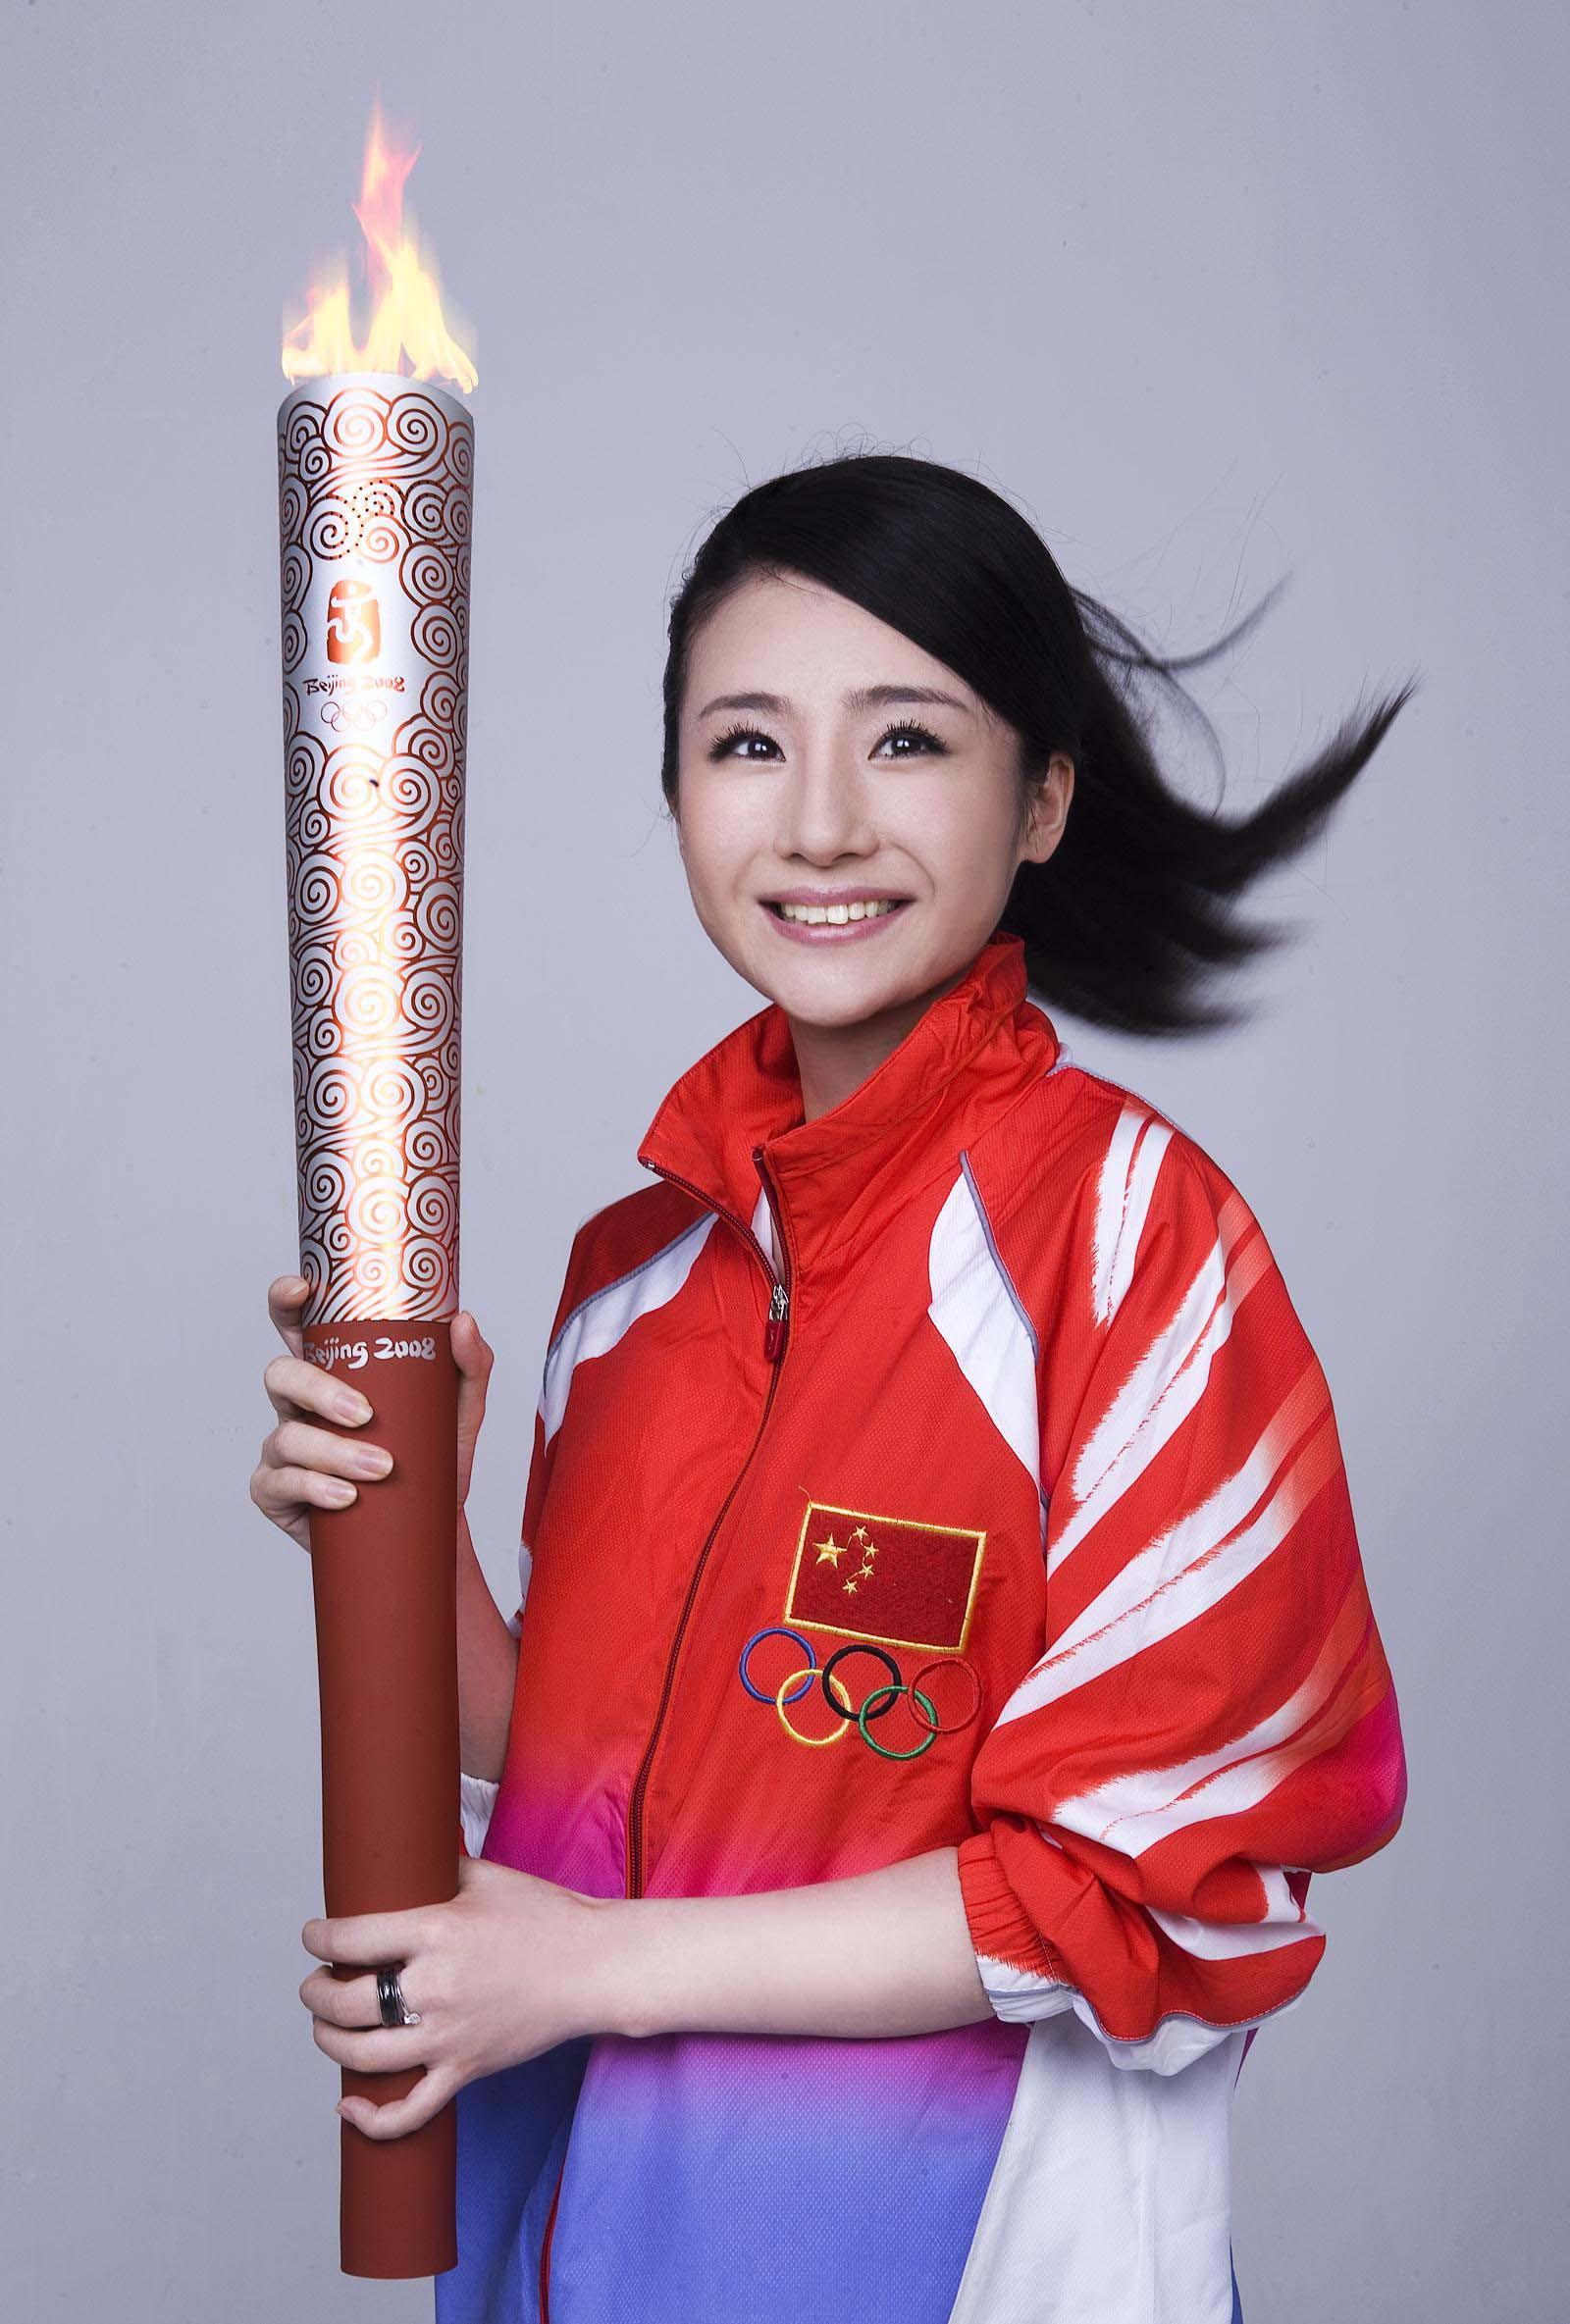 刘芊图片_星光璀璨相辉映[系列83] - 美女贴图 - 华声论坛